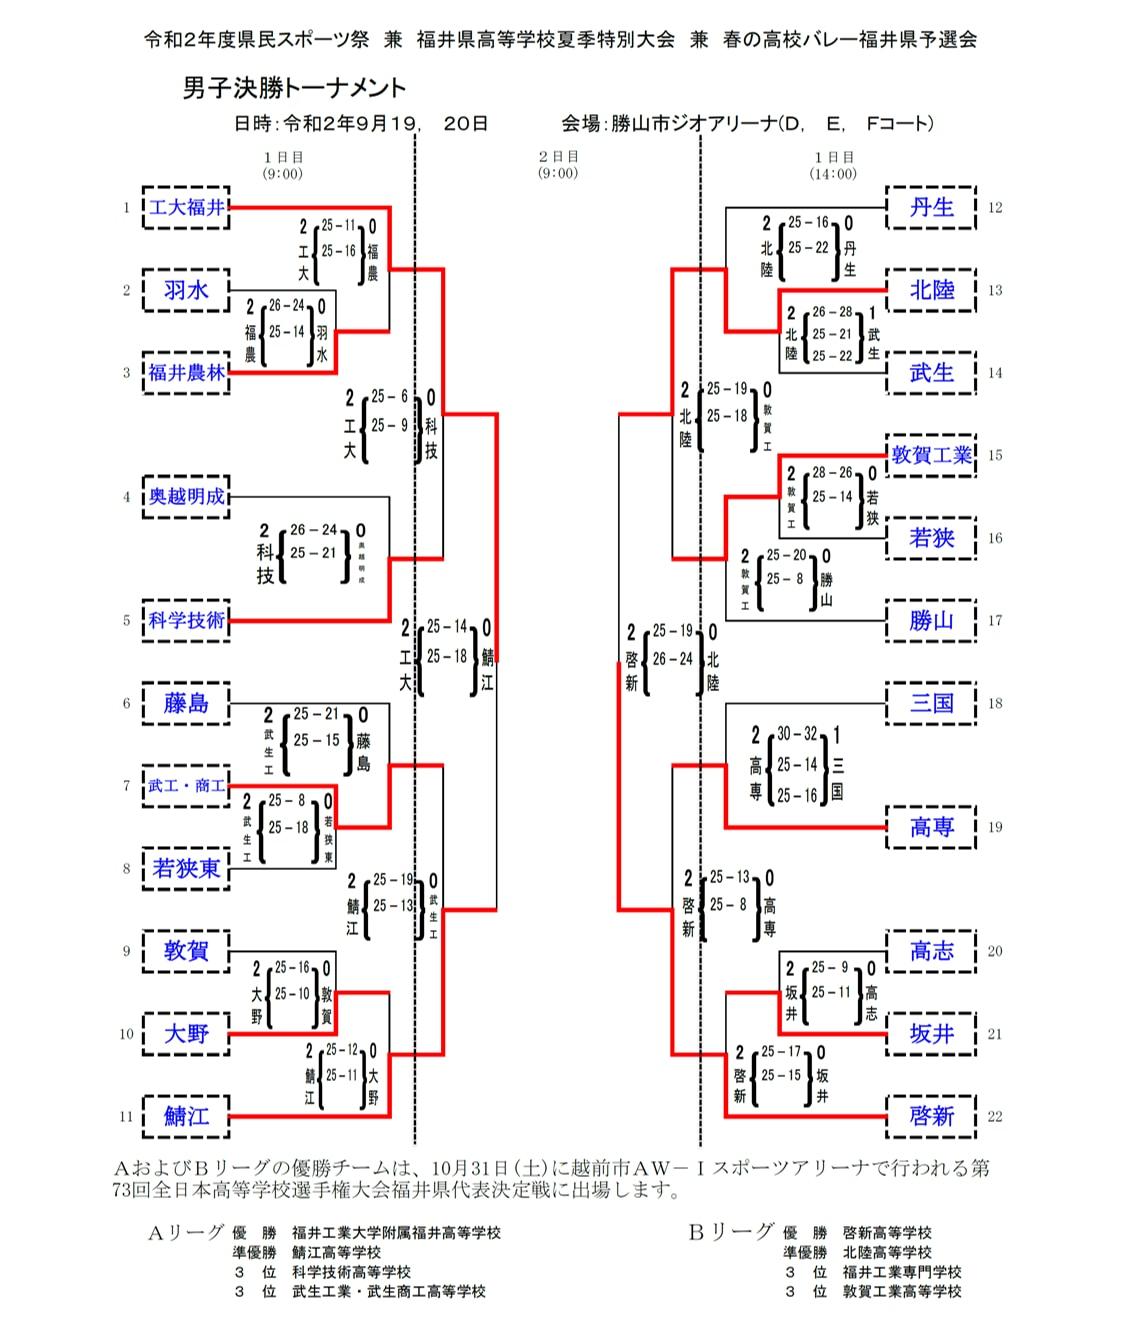 2020年度_全日本高校選手権_福井予選_男子_1、2日目結果